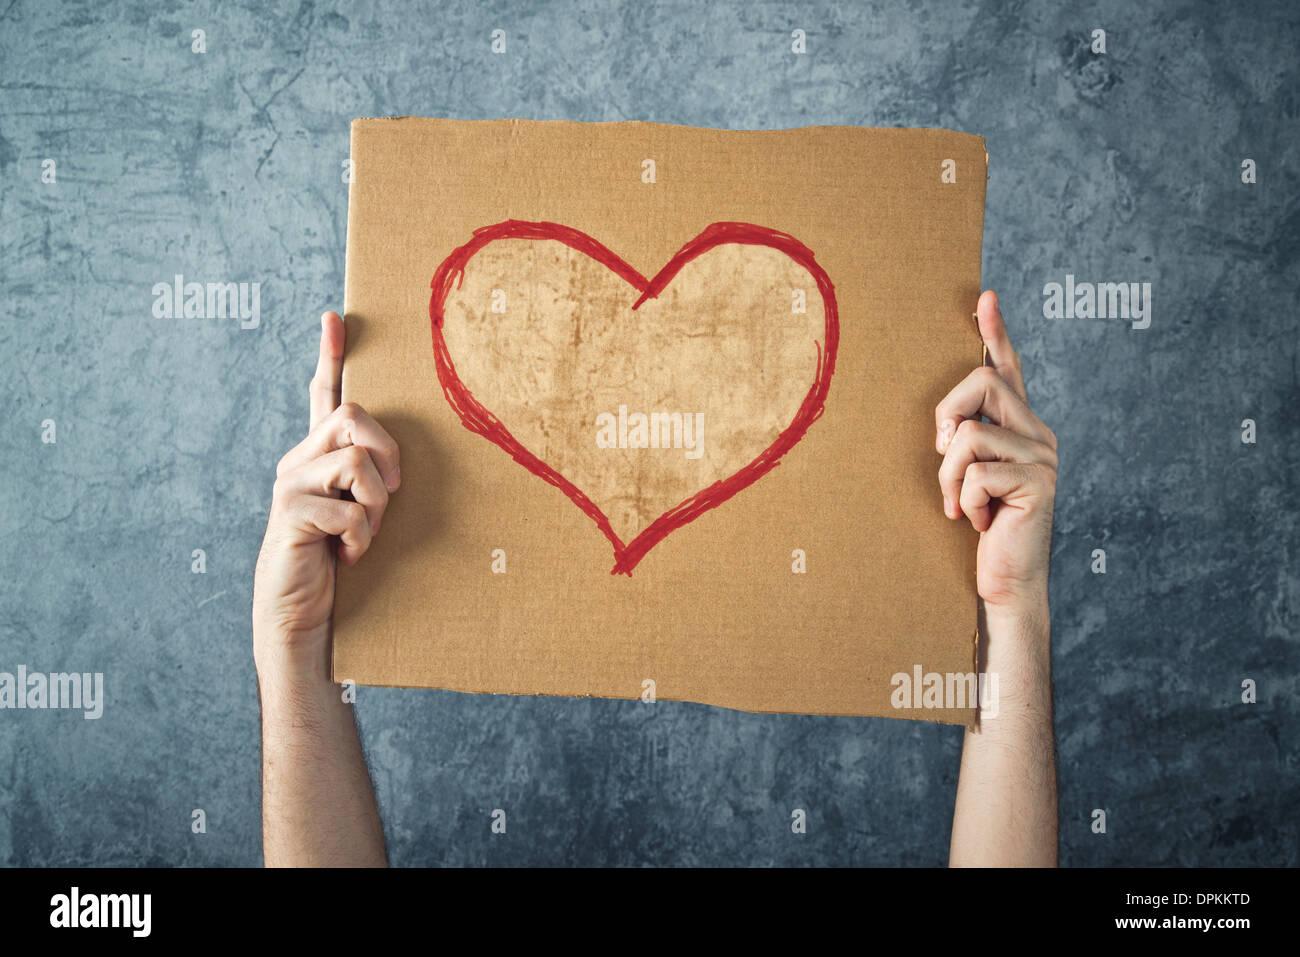 Homme tenant le carton avec du papier dessin en forme de coeur comme Valentines Day image conceptuelle. Photo Stock